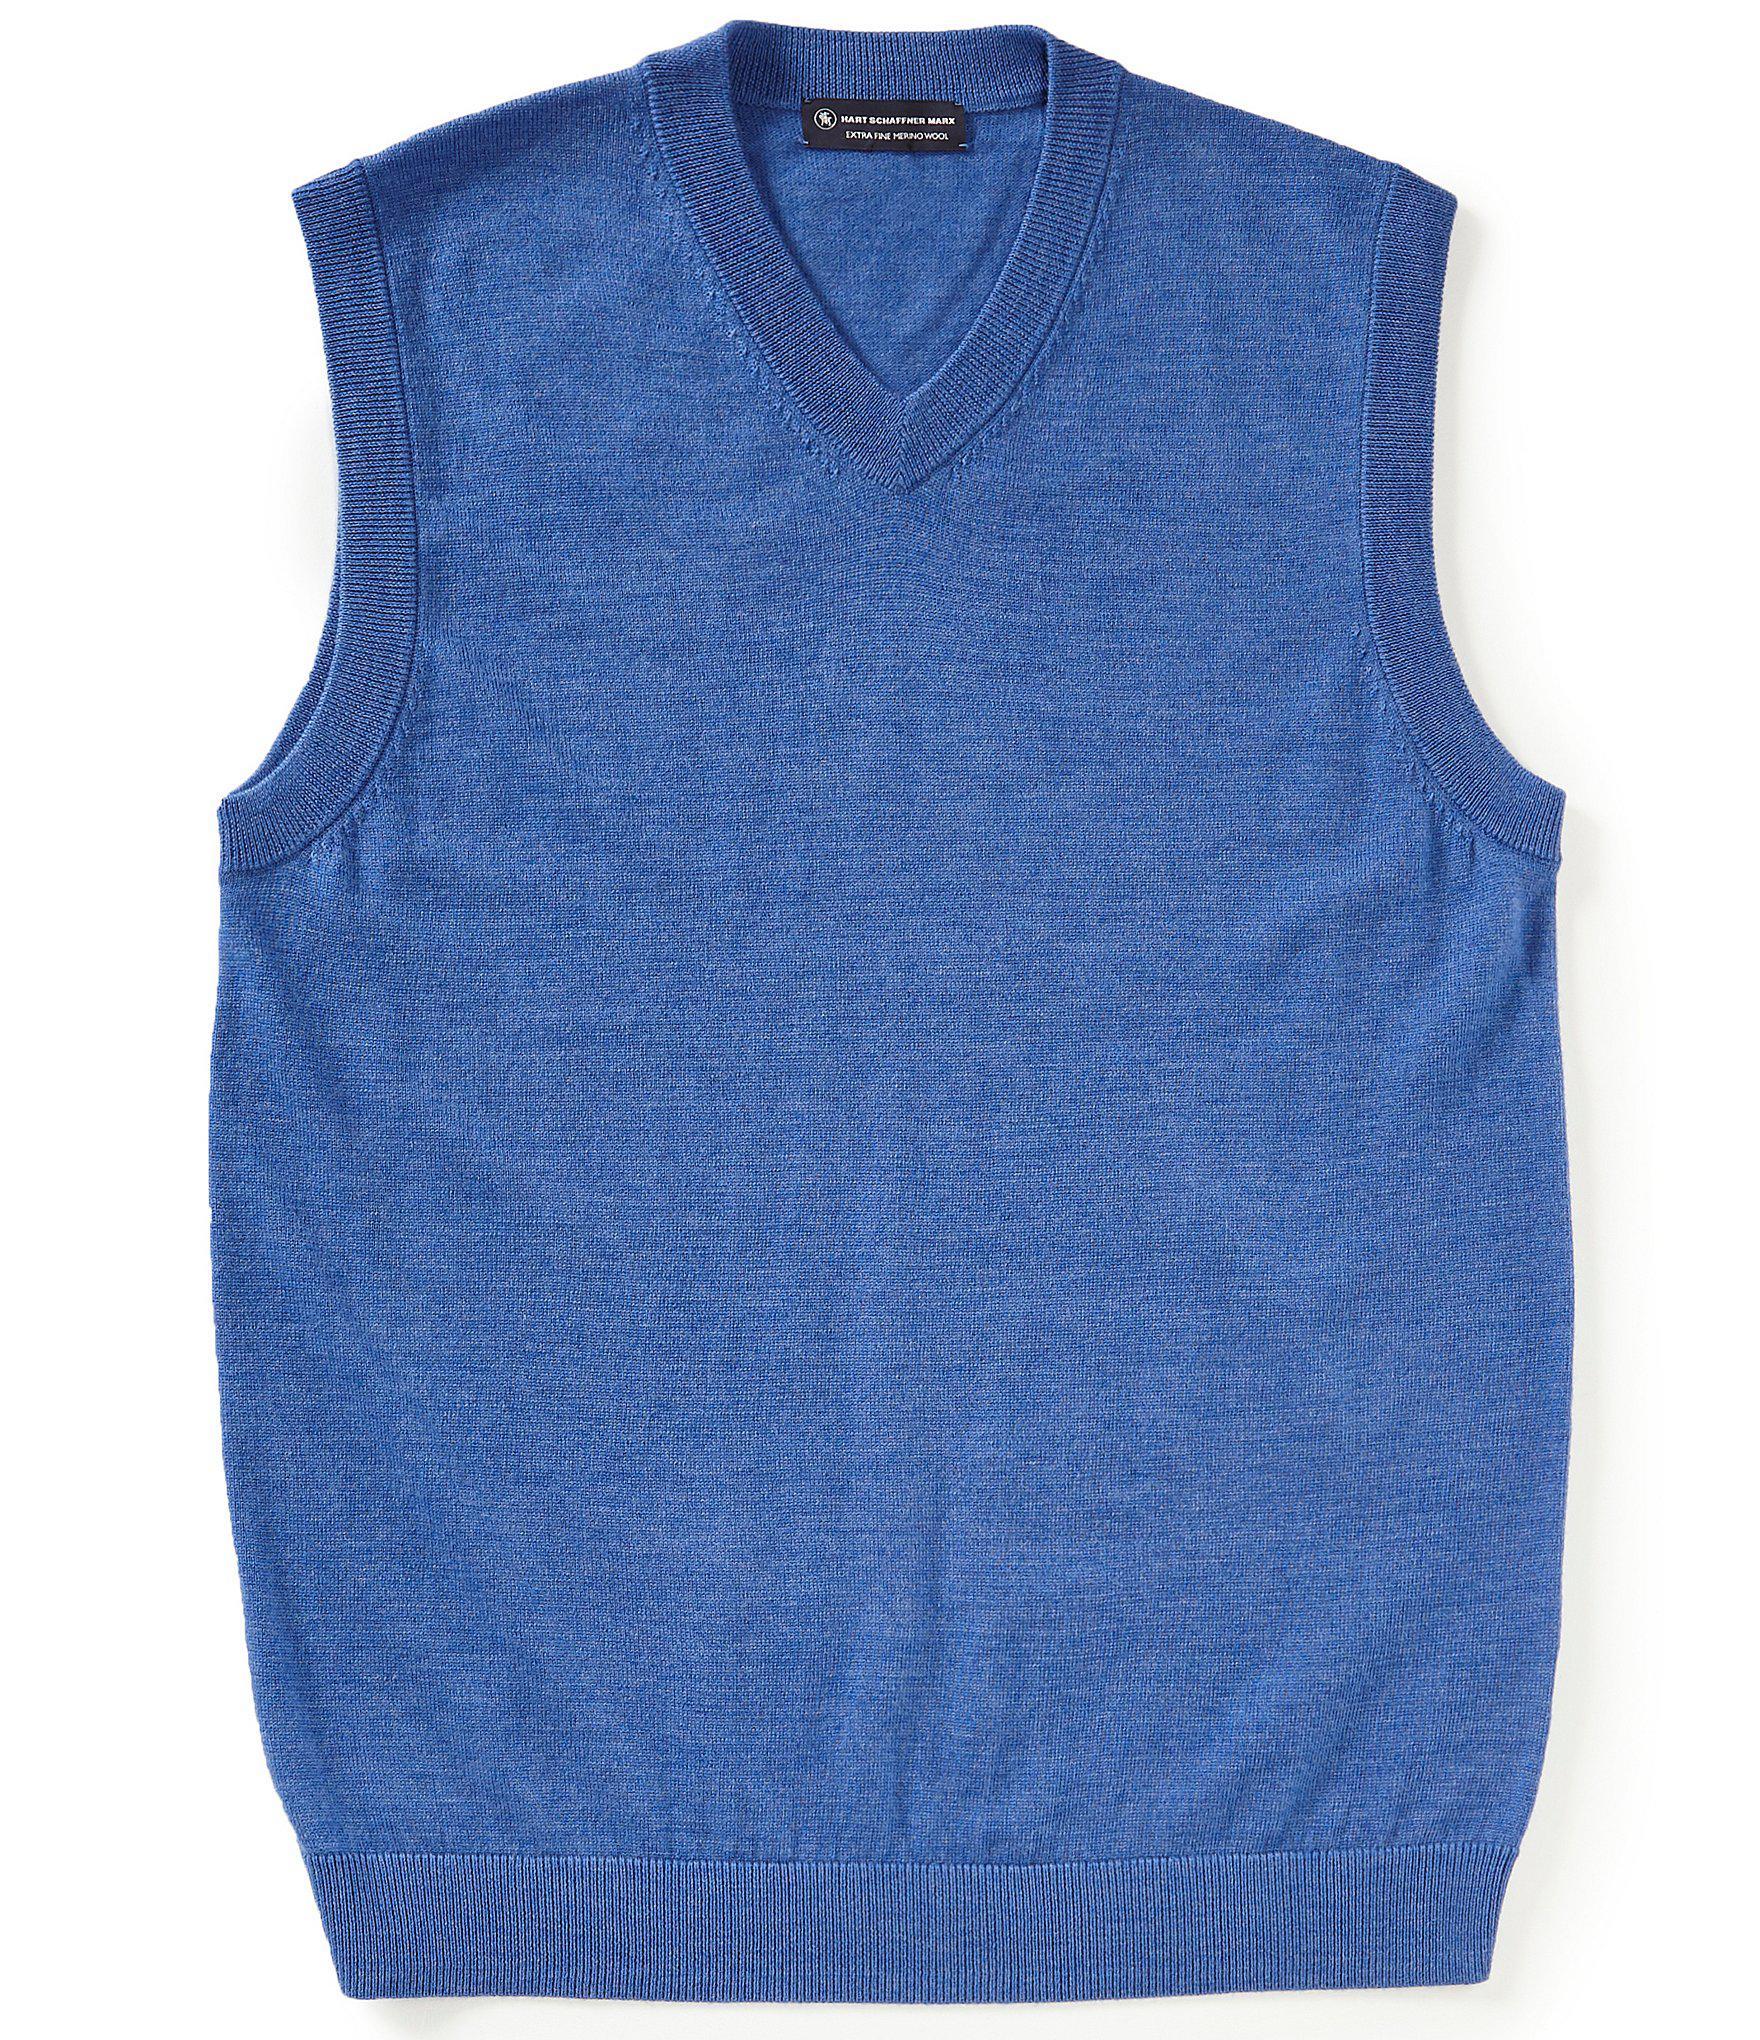 19761e0a9f Lyst - Hart Schaffner Marx Merino Wool V-neck Sweater Vest in Blue ...